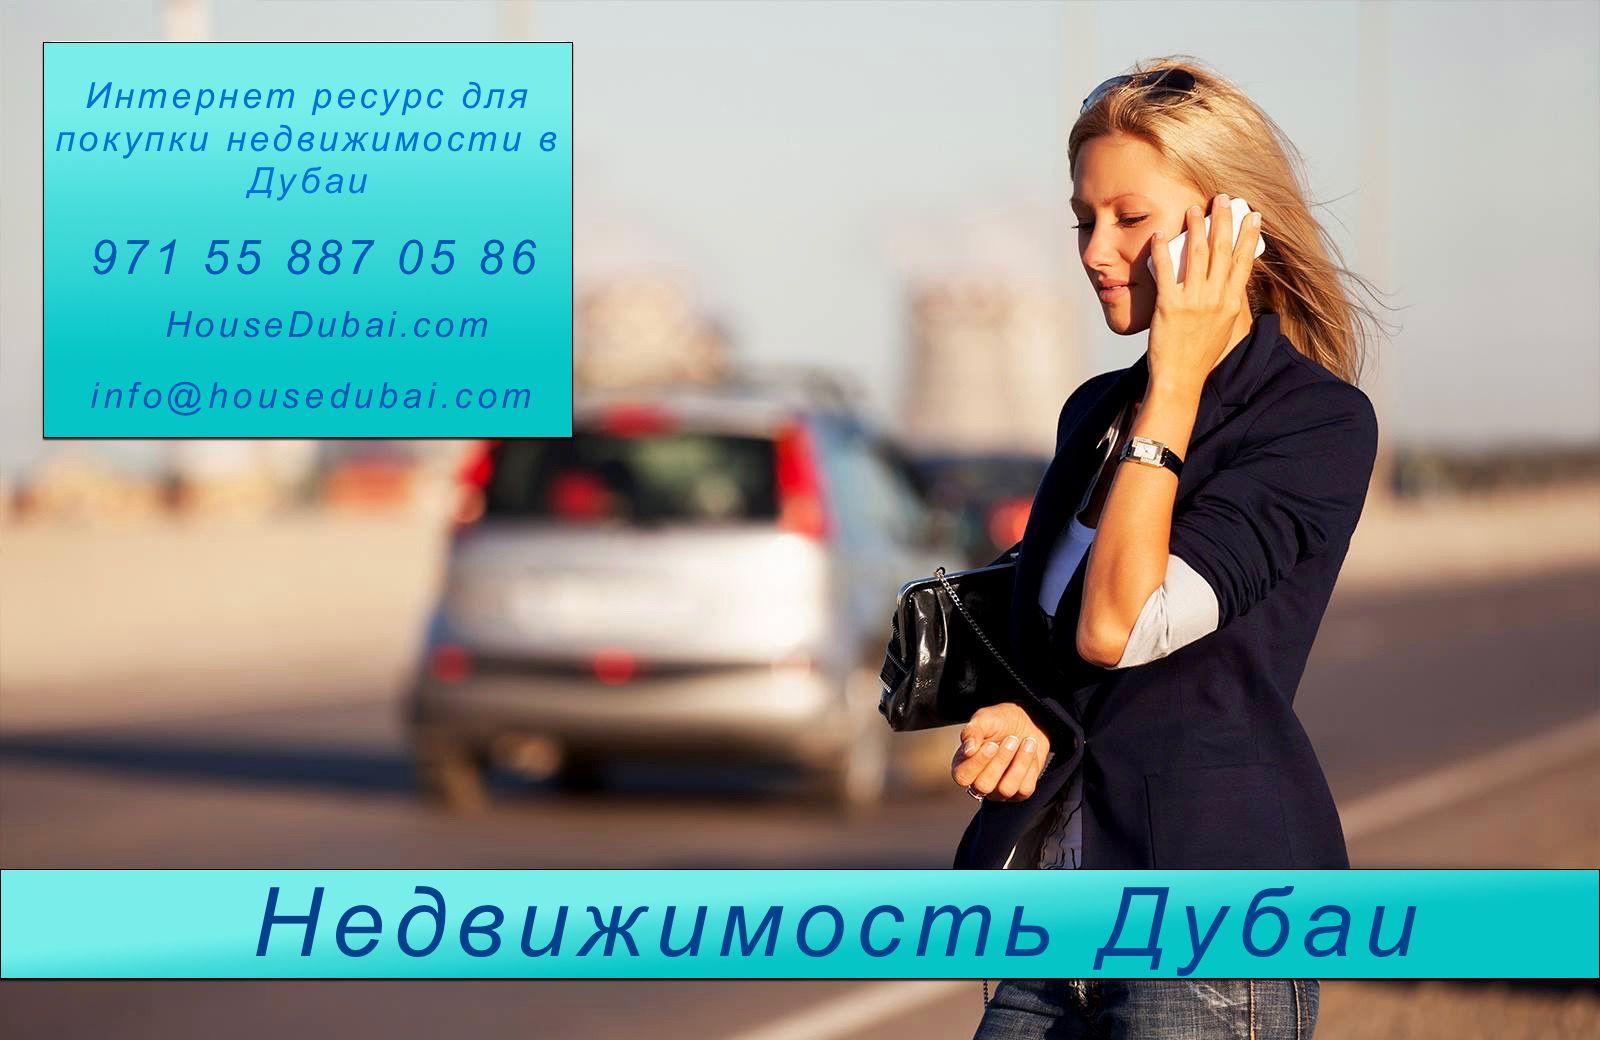 Цены недвижимость дубай черногория недвижимость продажа